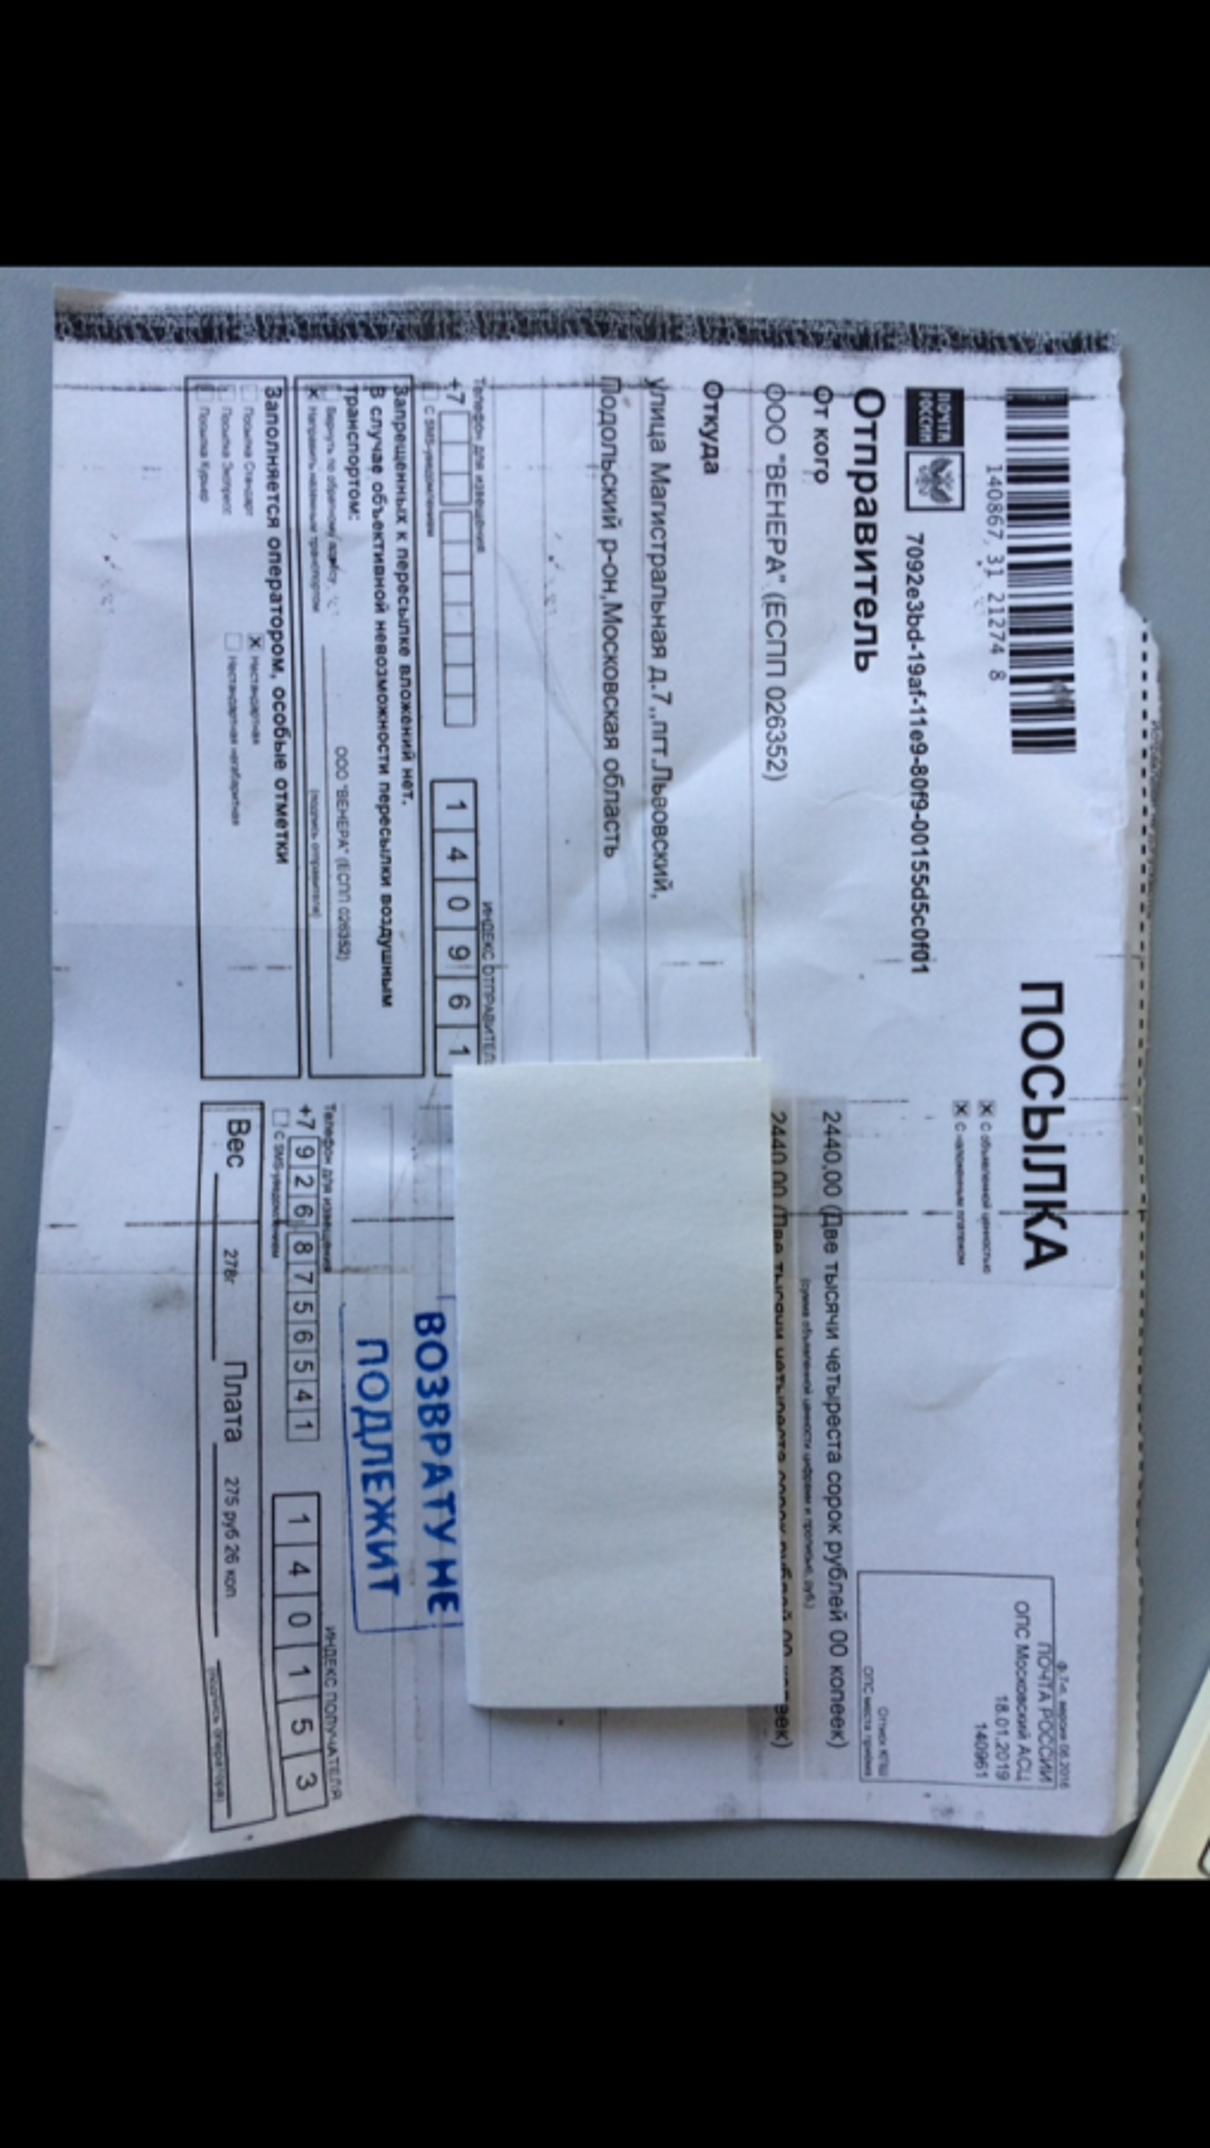 """Жалоба-отзыв: ООО """"ВЕНЕРА"""" (ЕСПП 026352) - Прислали не то, что заказывали.  Фото №2"""